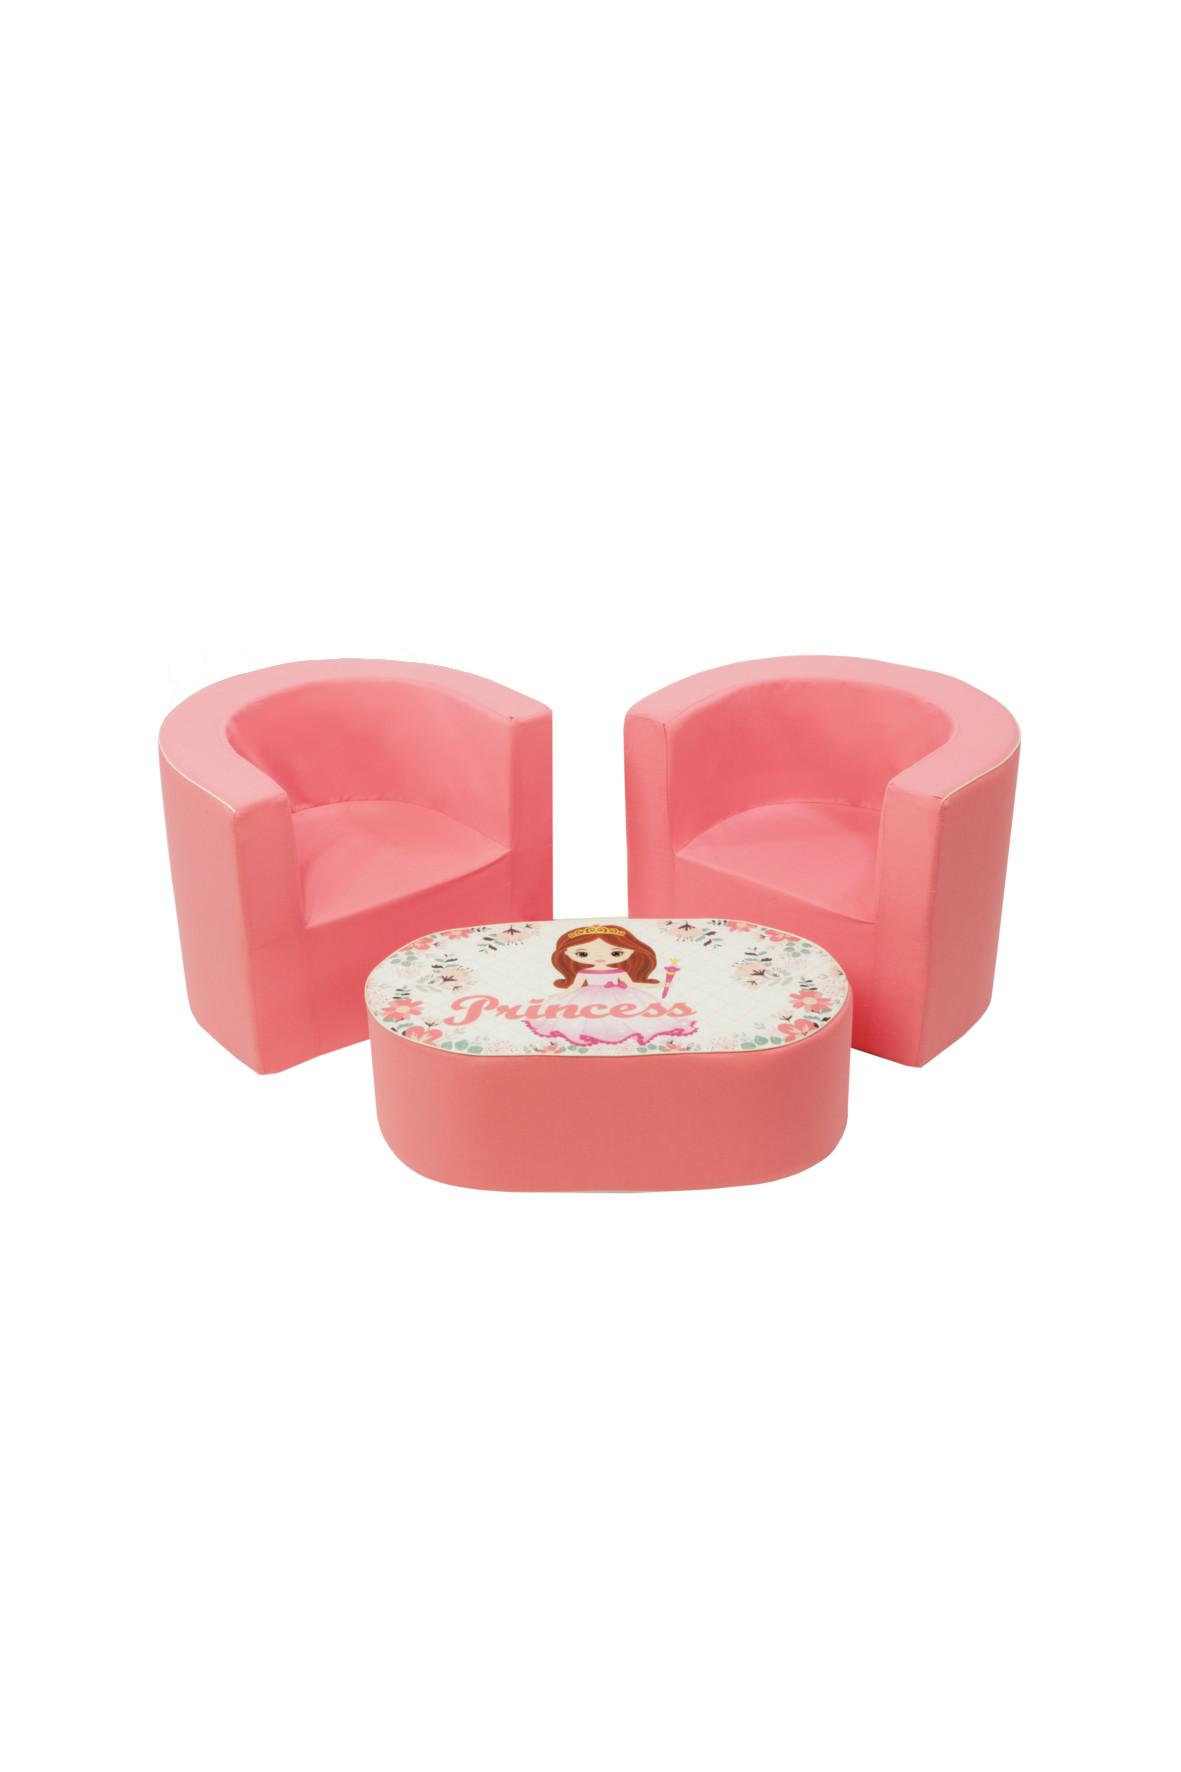 Zestaw 2 foteliki +stolik różowe 5O36HY